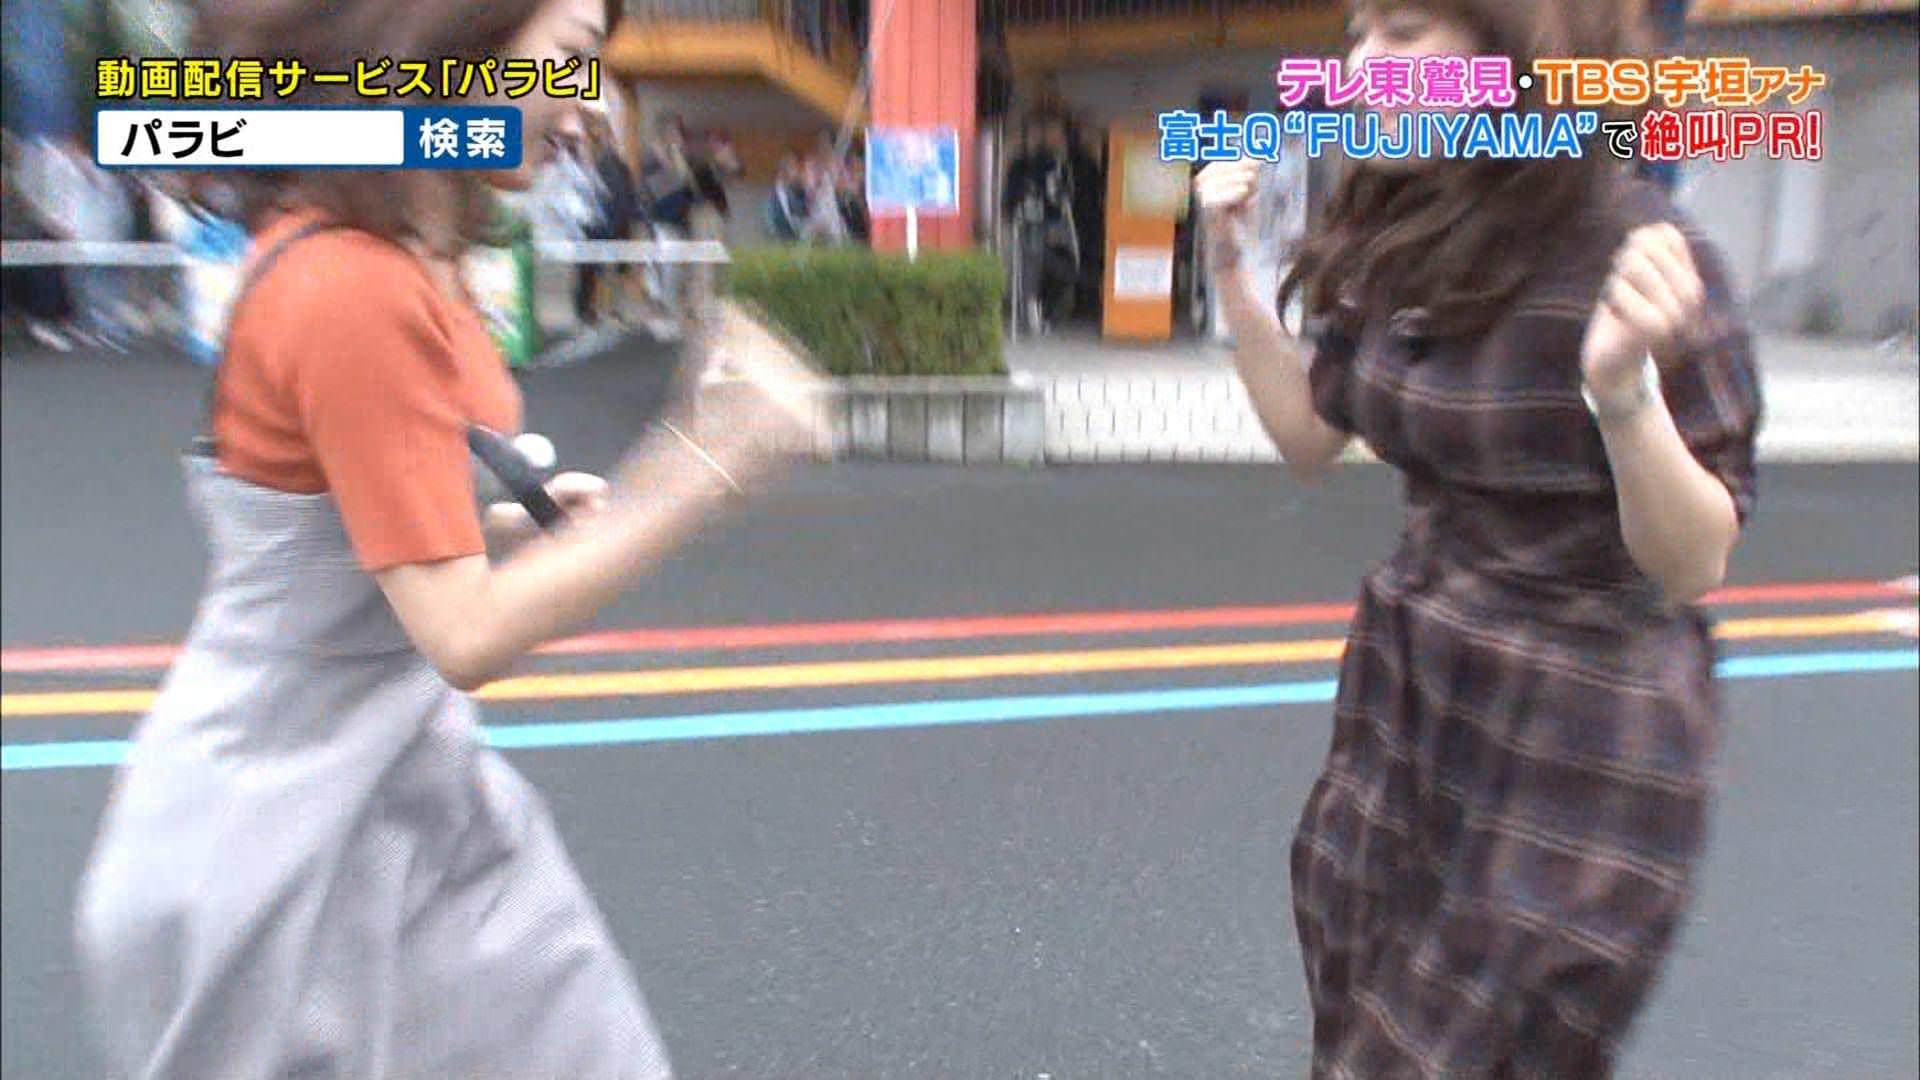 (最新写真)宇垣美里アナ vs 鷲見玲奈アナのデカパイ対決がたまんねえええええええええええええ